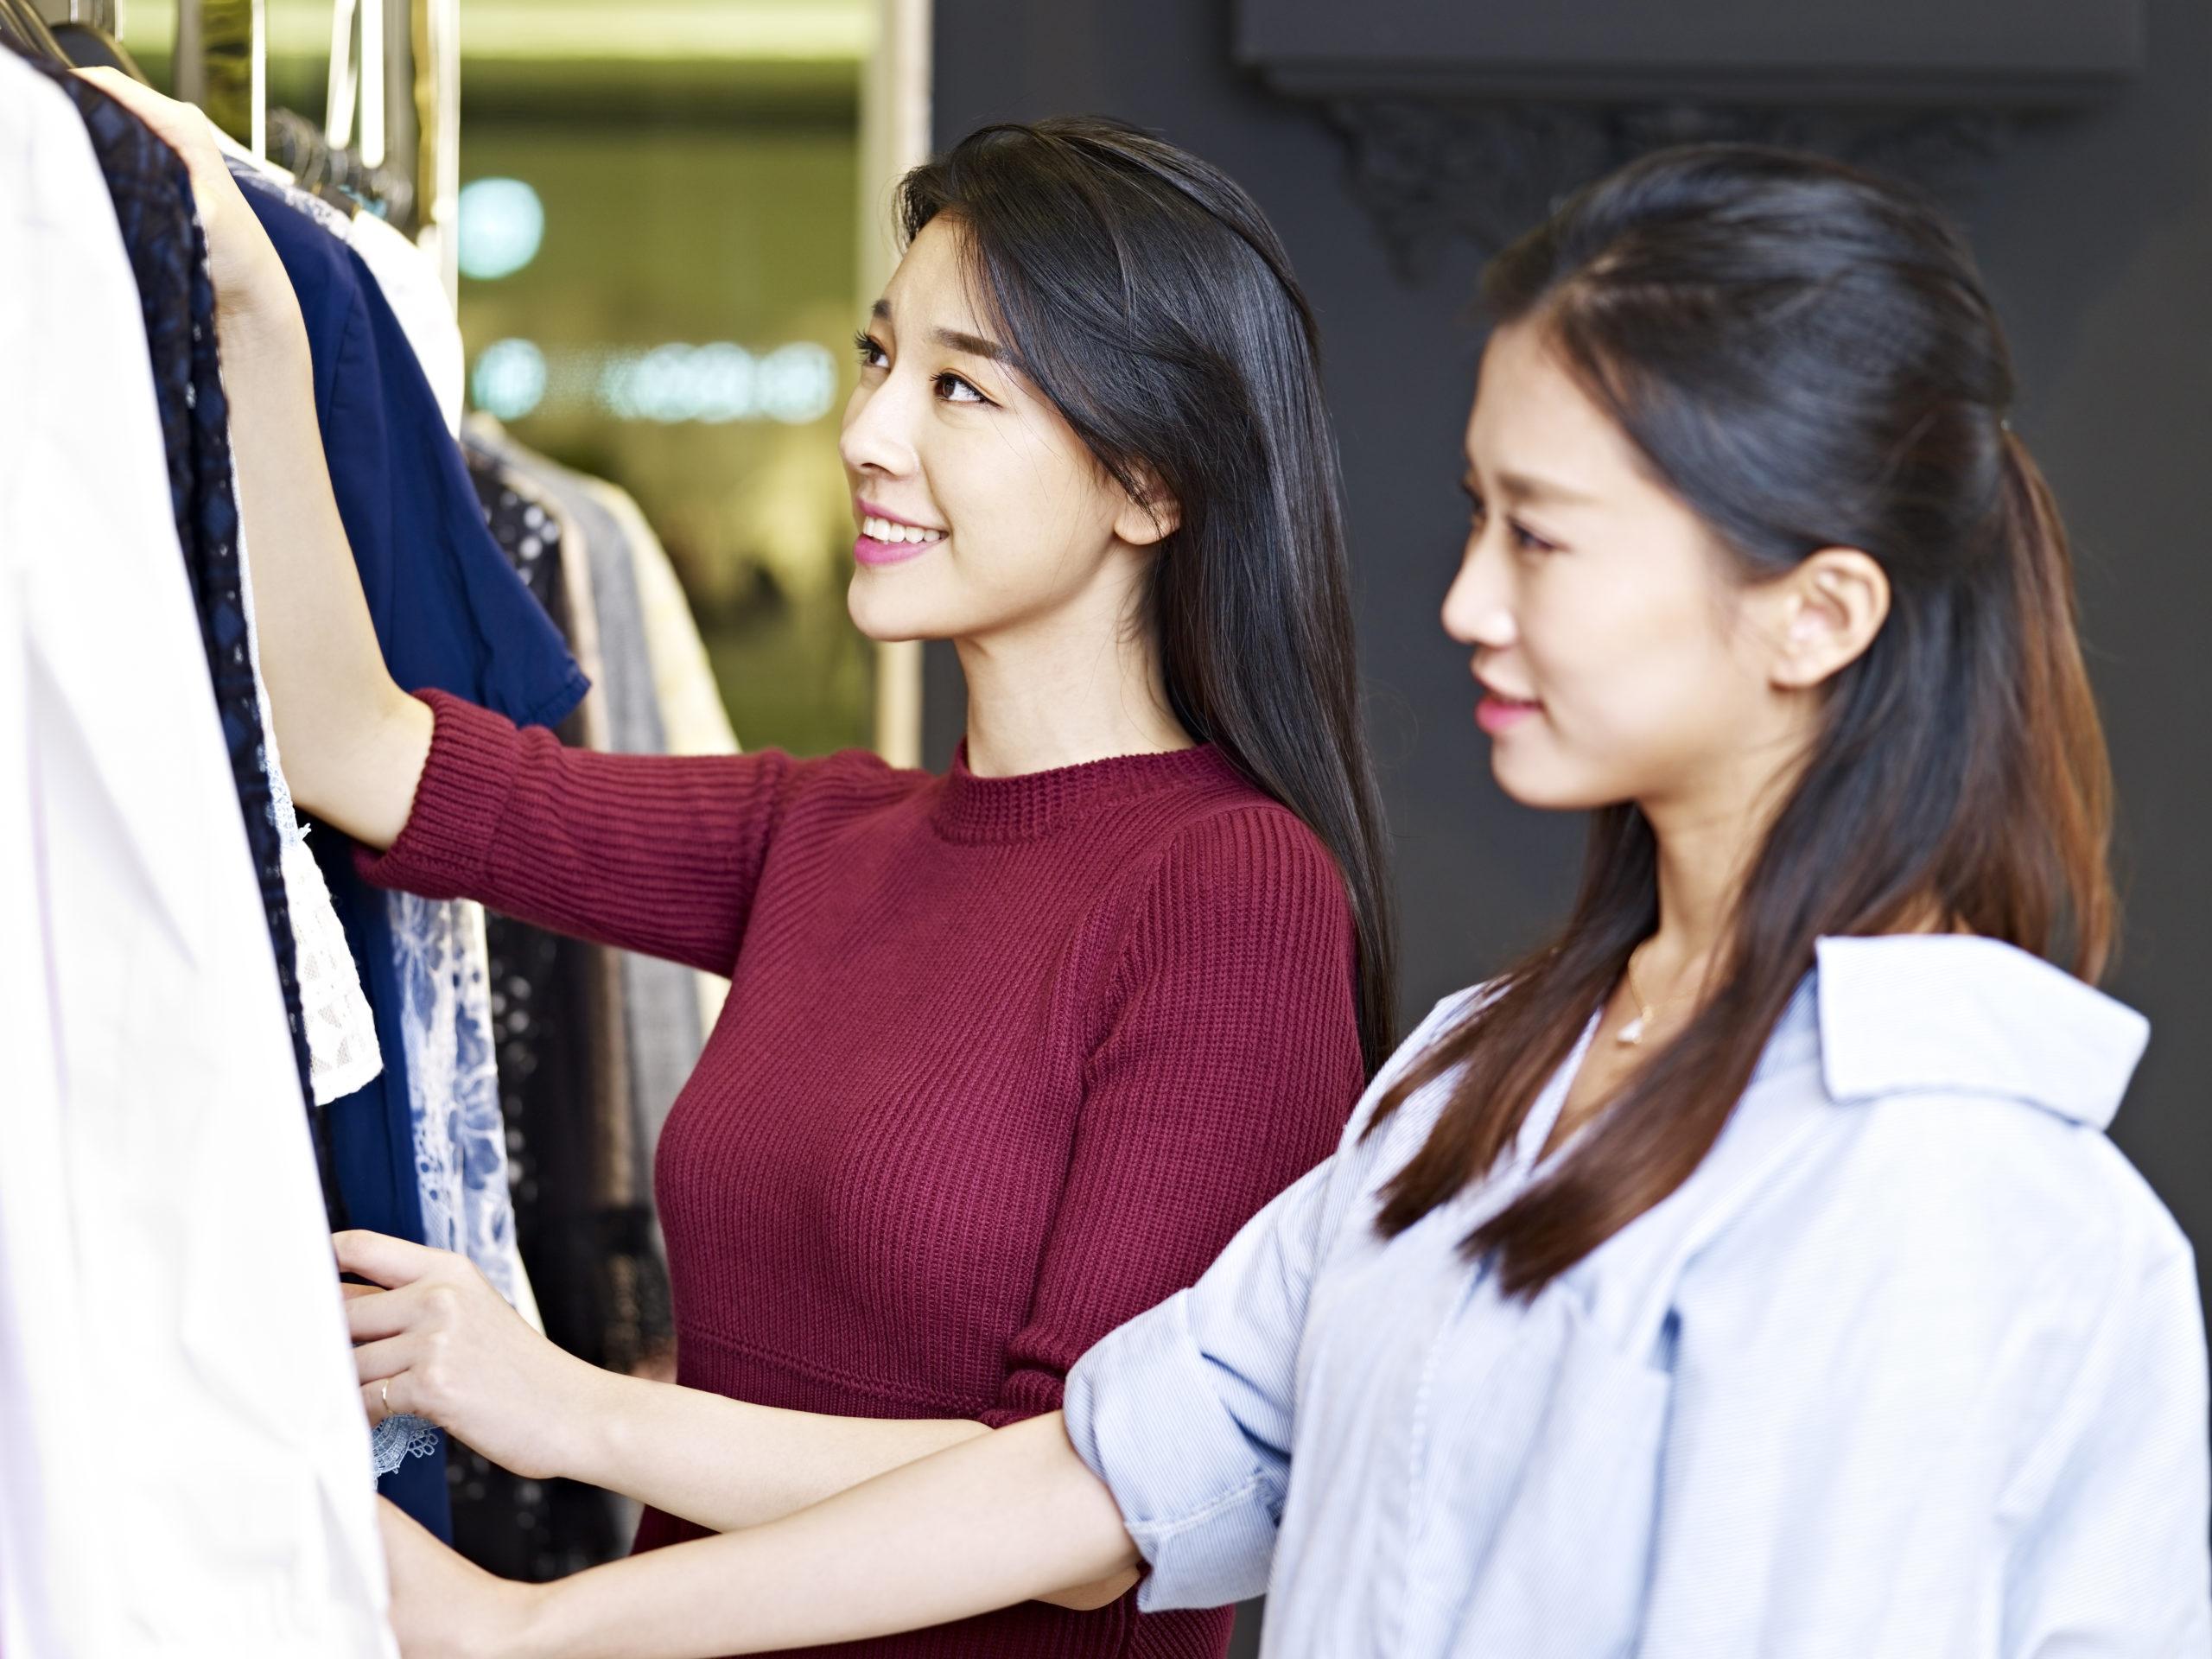 服を選ぶ女性たちの写真